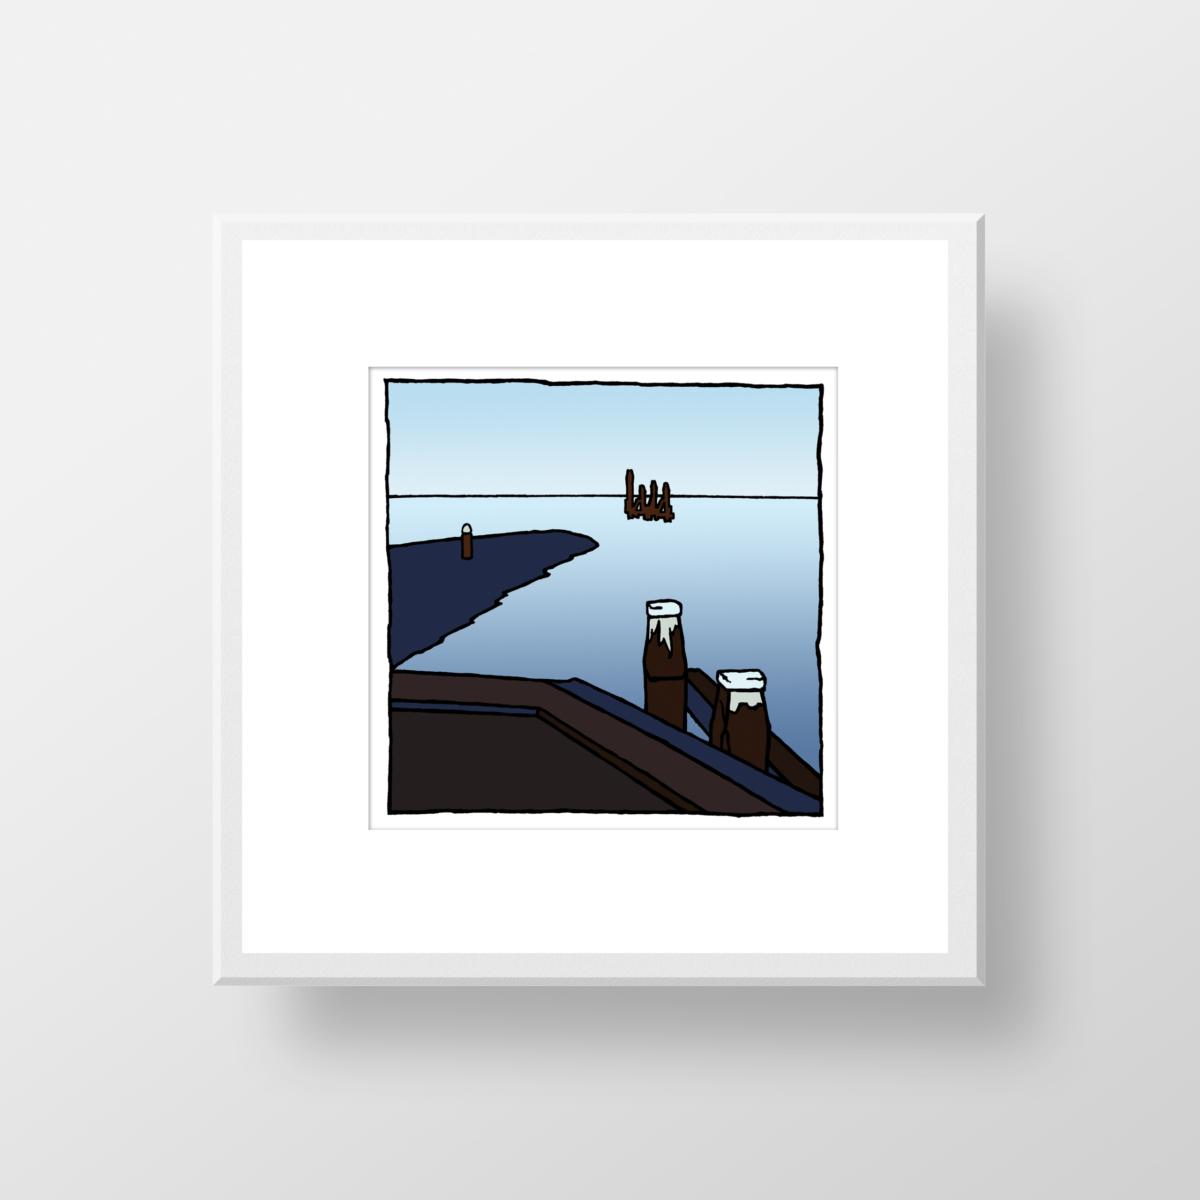 Fine art print in lijst van het Zuidfront in Hellevoetsluis gemaakt door kunstenaar Wim van Willegen.